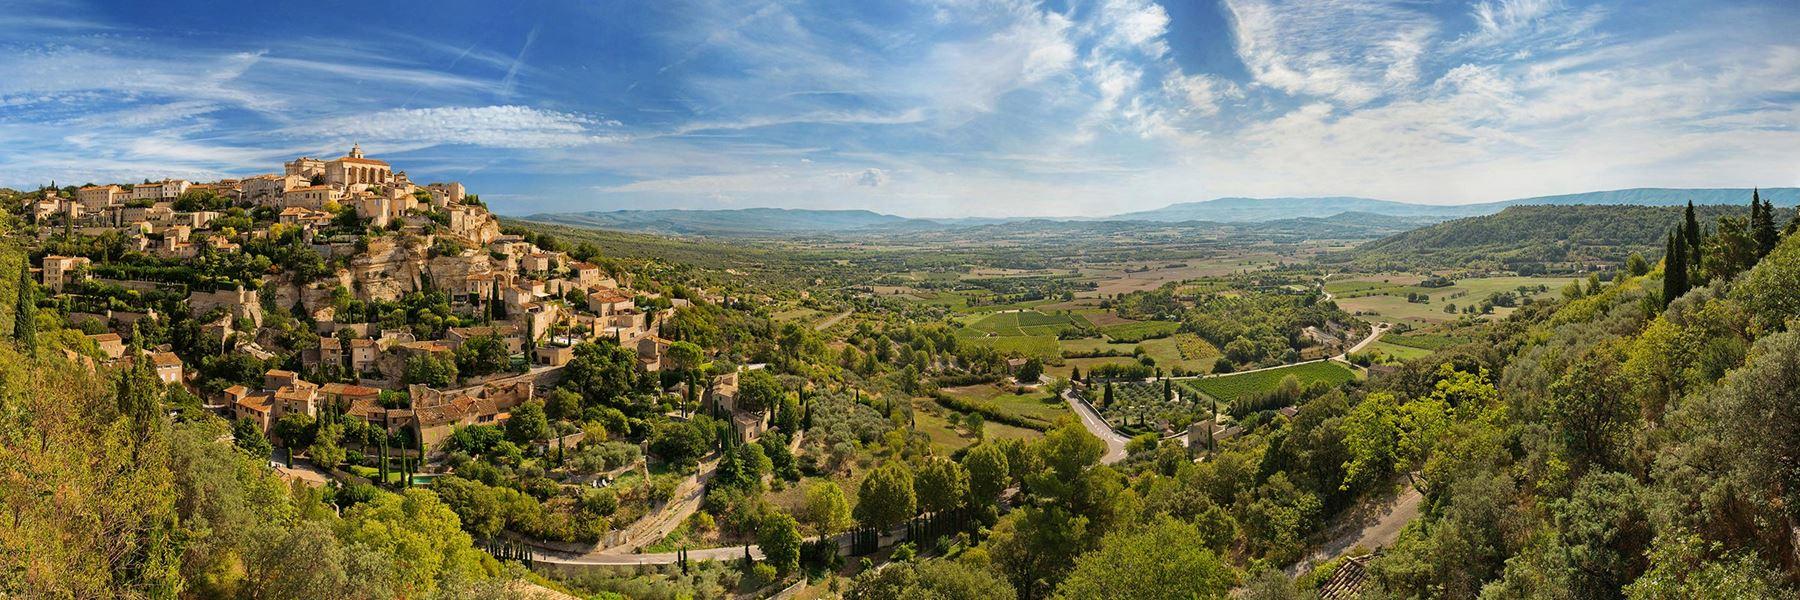 Vaucluse. Siete de los 100 pueblos más bellos de Francia están en esta comarca